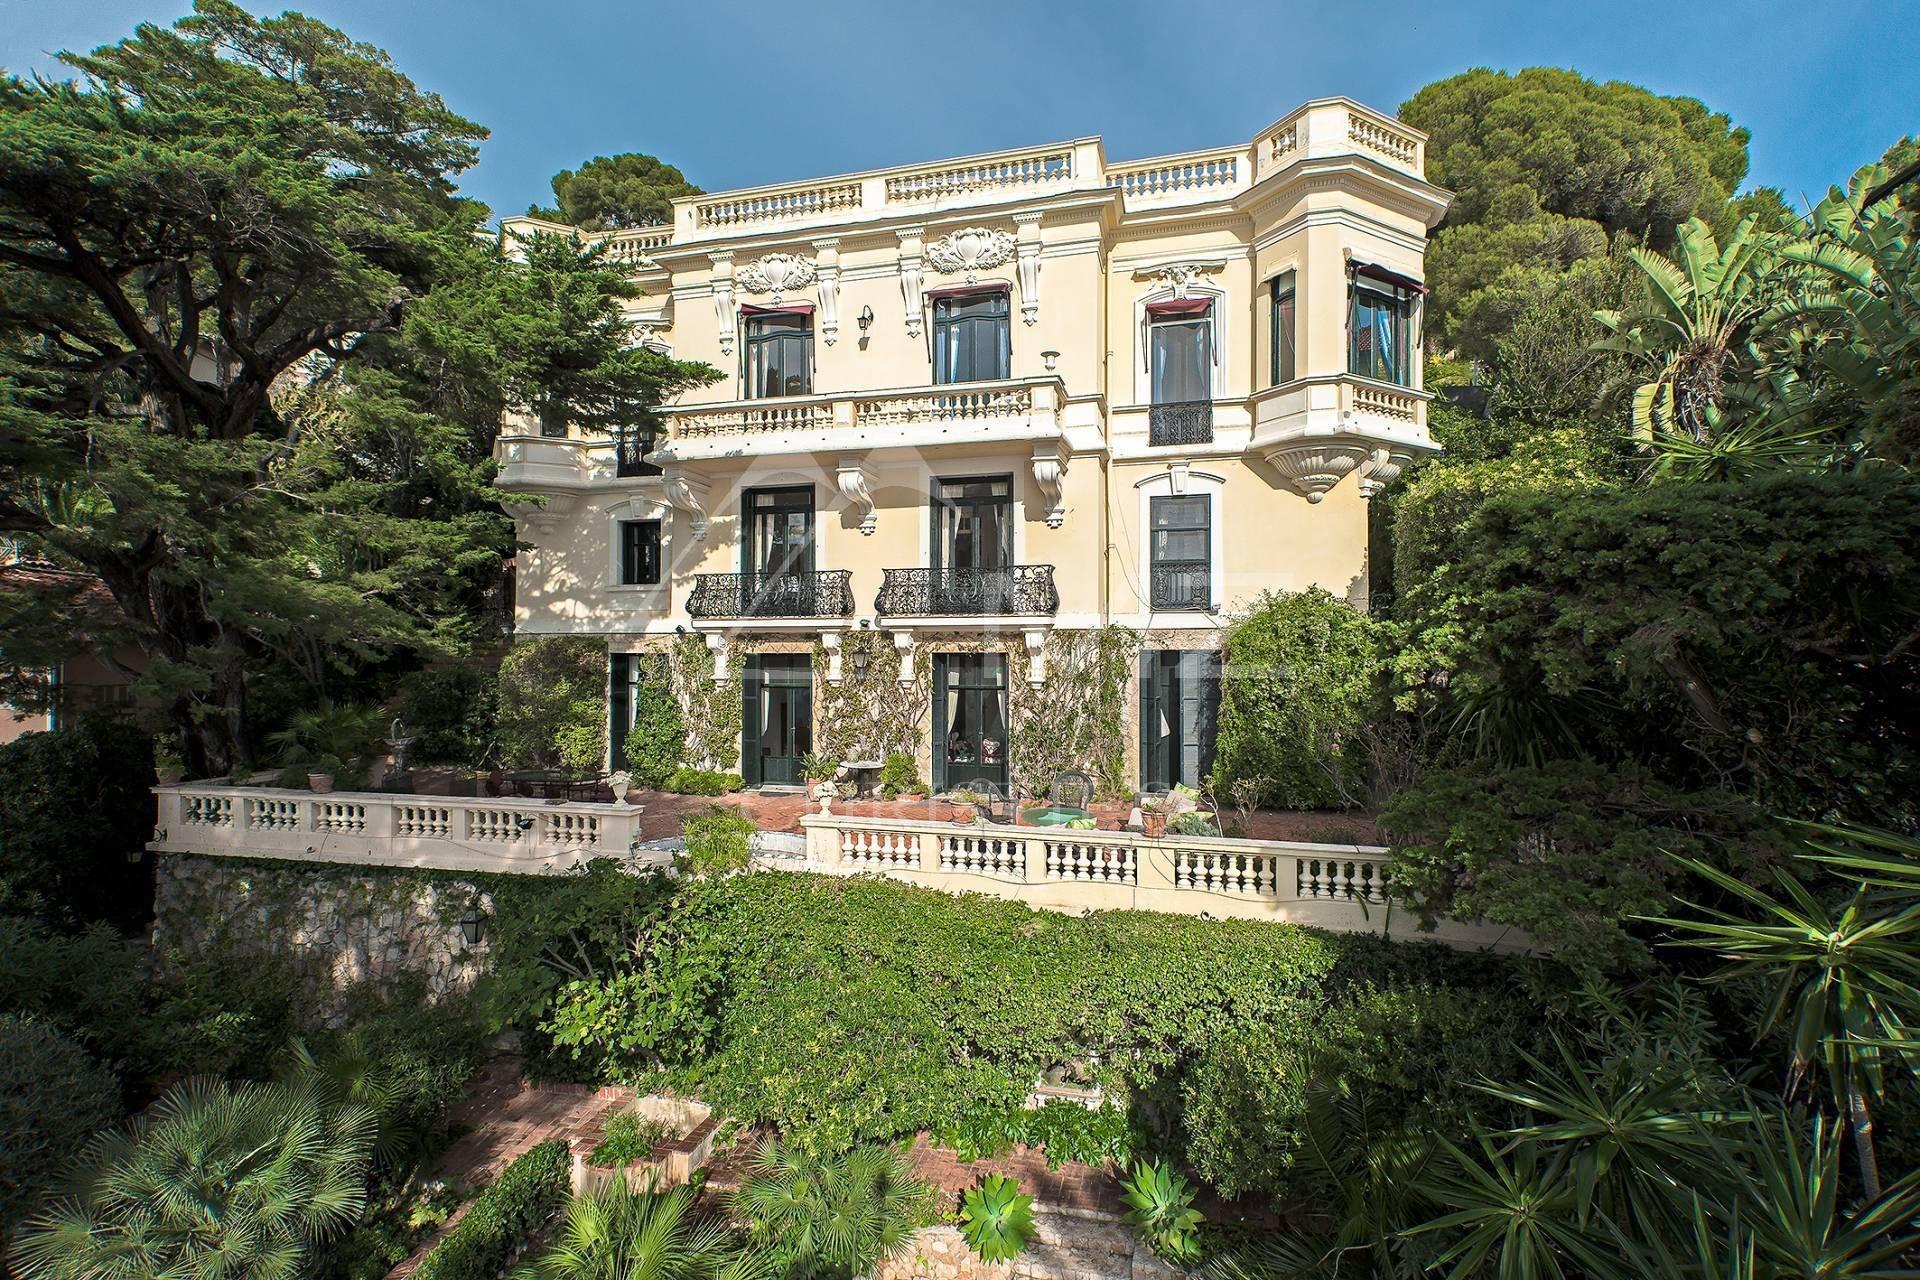 Villa in Cap-d'Ail, Provence-Alpes-Côte d'Azur, France 1